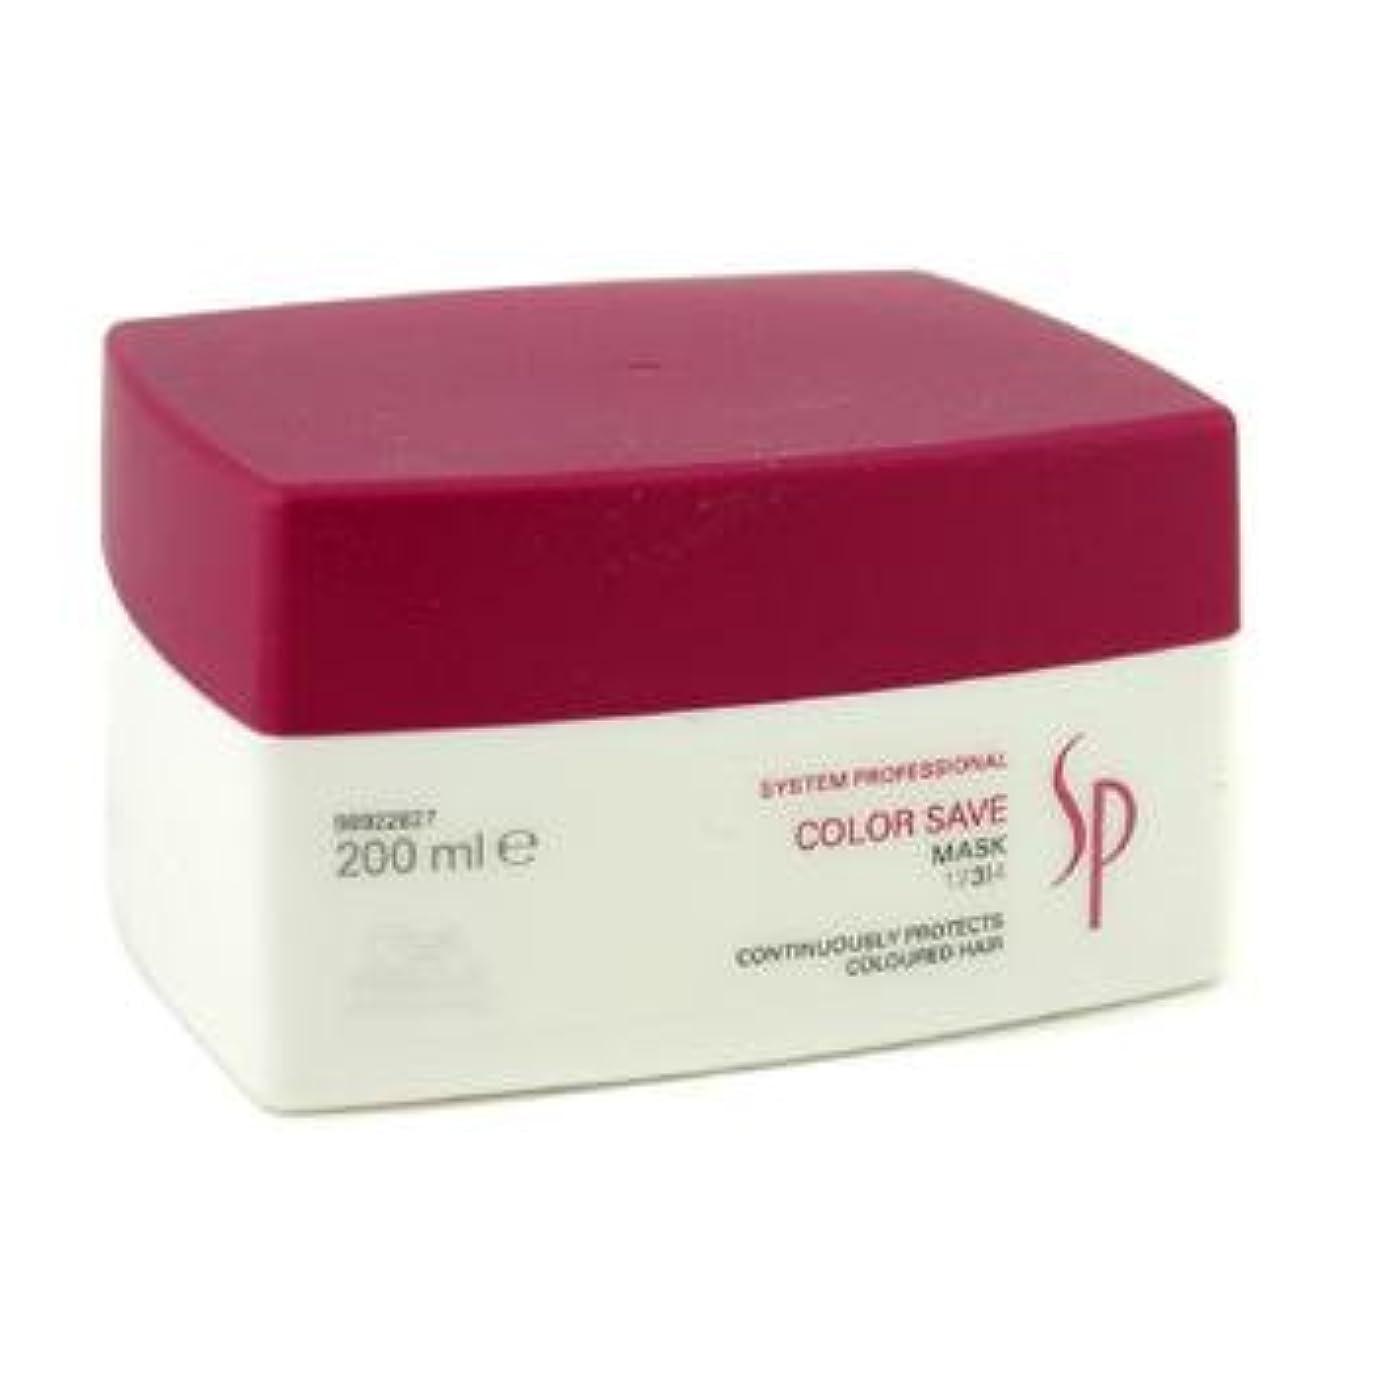 節約する逆にアスペクト[Wella] SP Color Save Mask ( For Coloured Hair ) 200ml/6.67oz[並行輸入品] [並行輸入品]